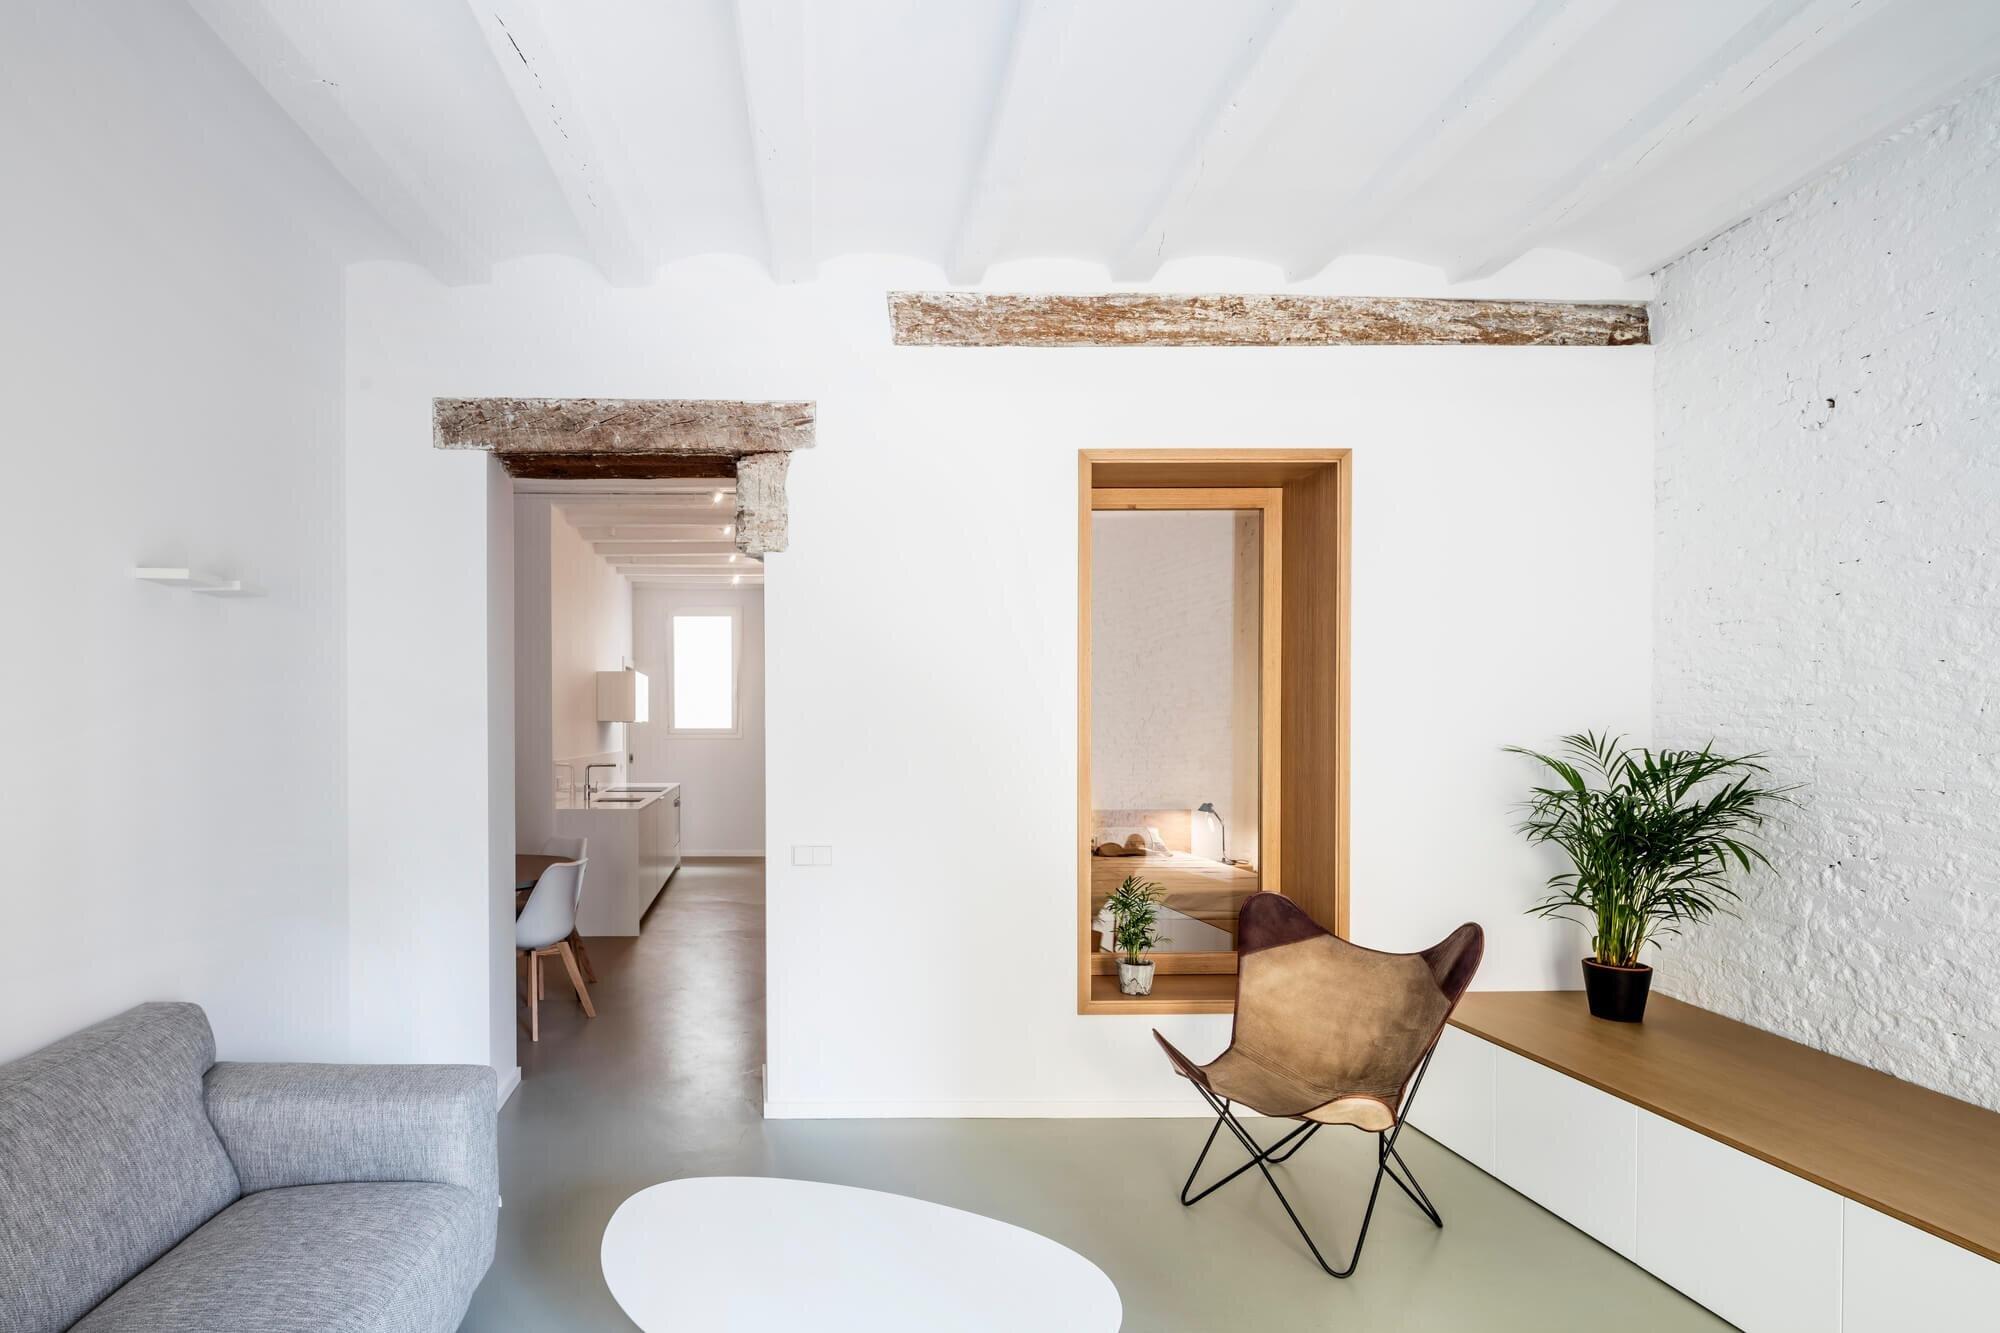 TS01-Interior-Refurbishment-Alventosa-Morell-Arquitectes-Spain-0